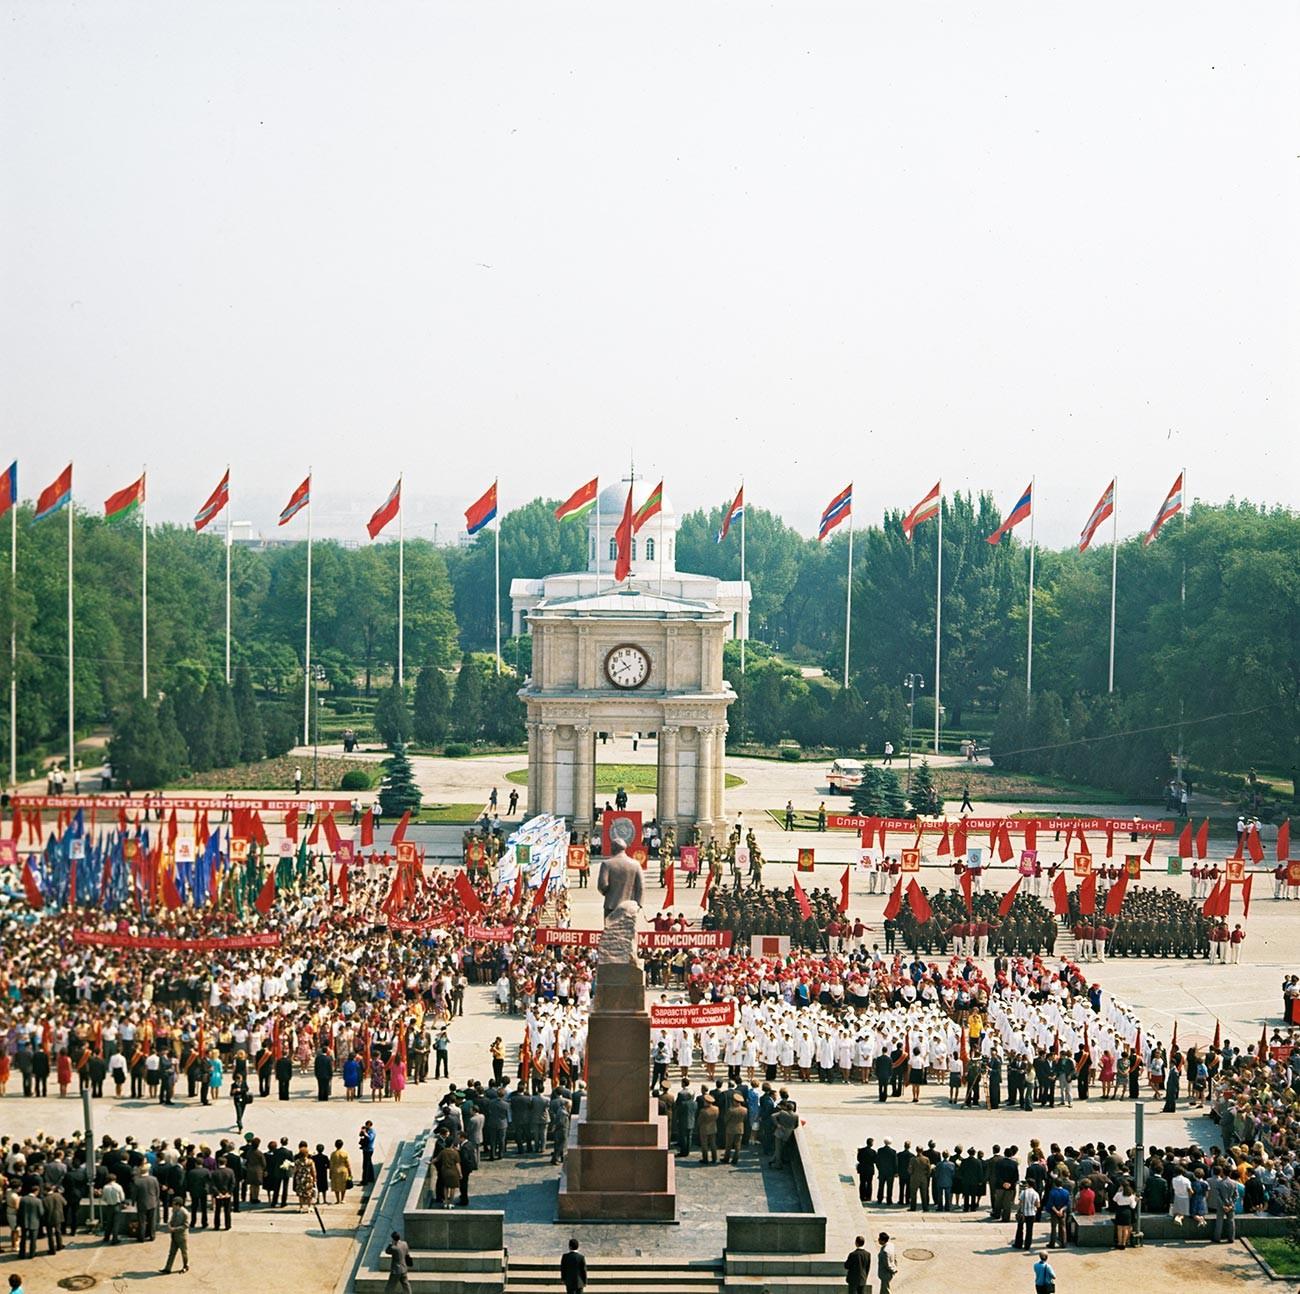 Прослава Дана Победе на Тргу Победе у Кишињову, 1976.